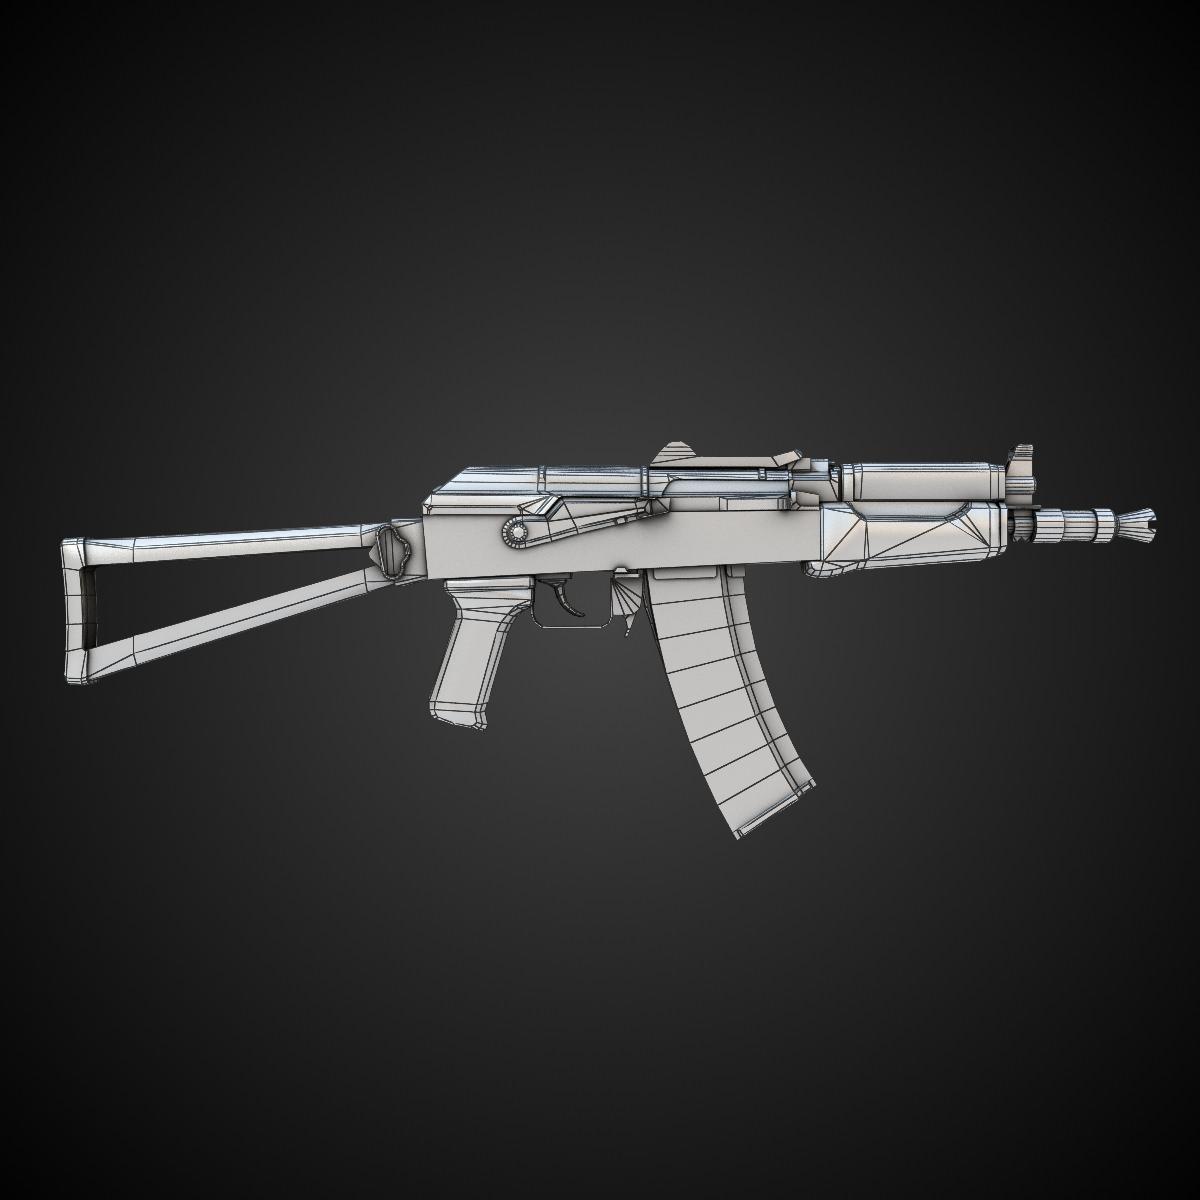 AK47 Assault Rifle Hi-Res 3D Model MAX OBJ FBX LWO LW LWS